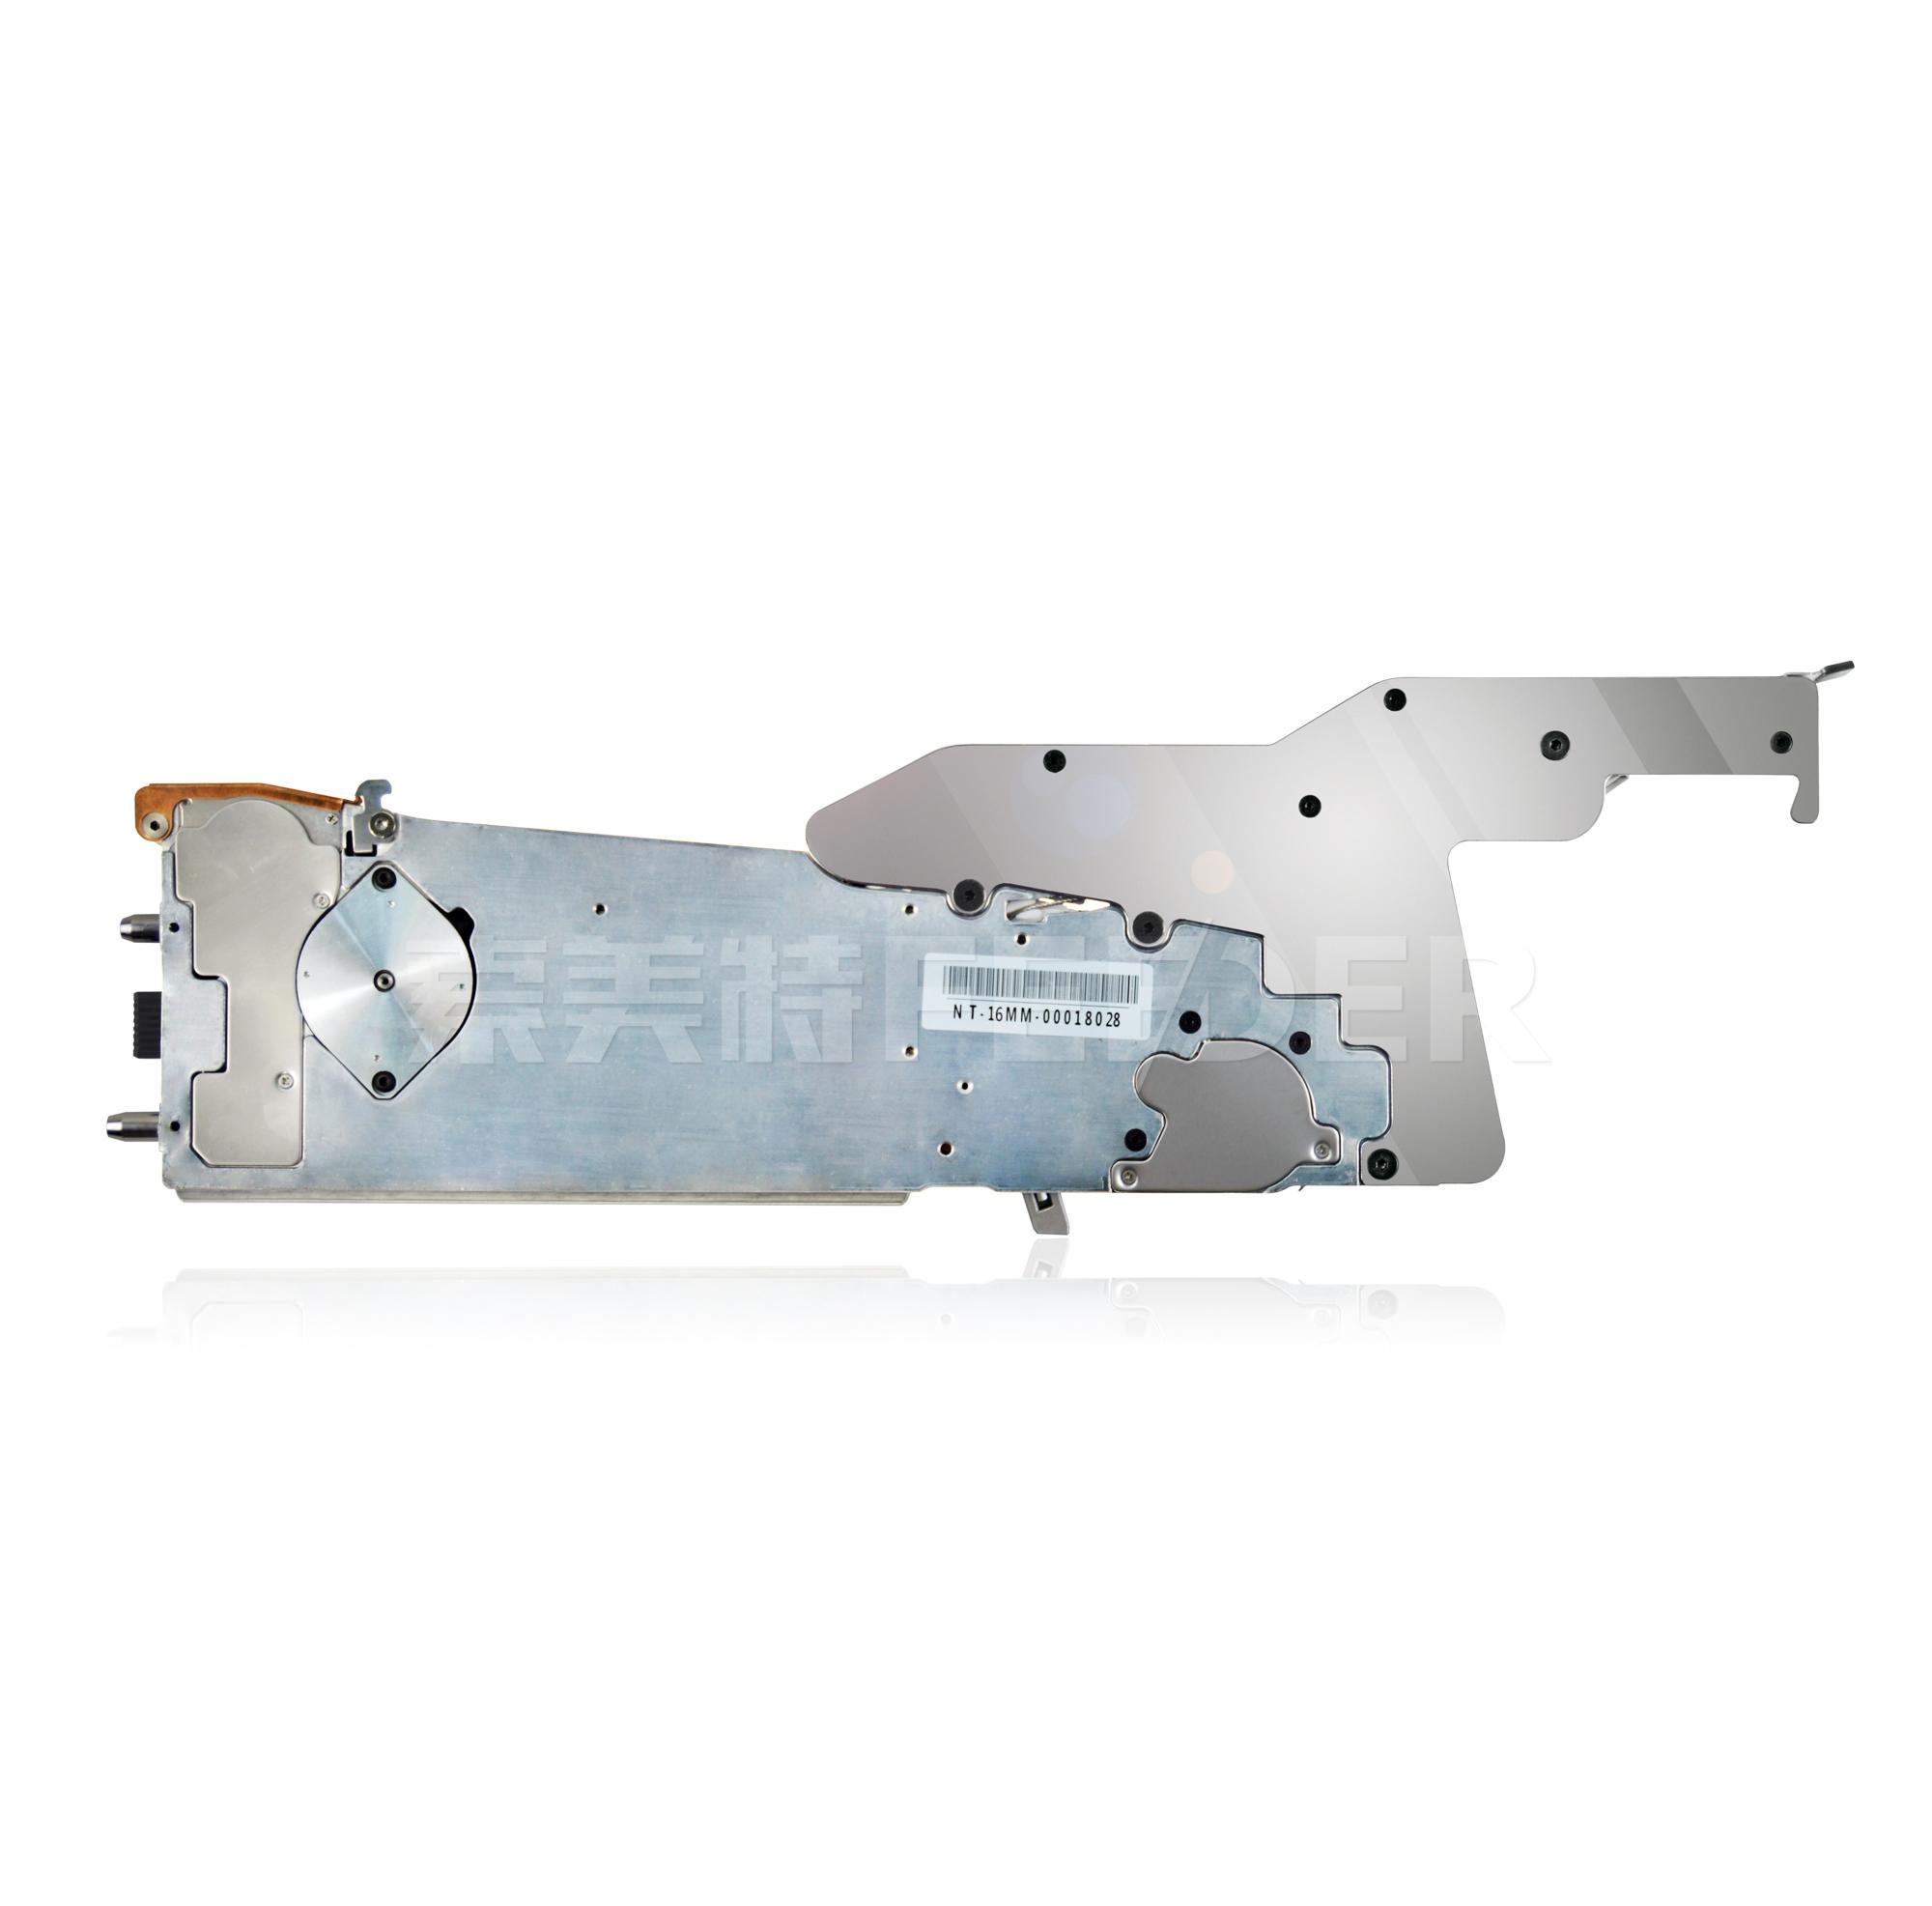 第三代NXT16MM纯电动飞达/国产高速贴片机电动供料器